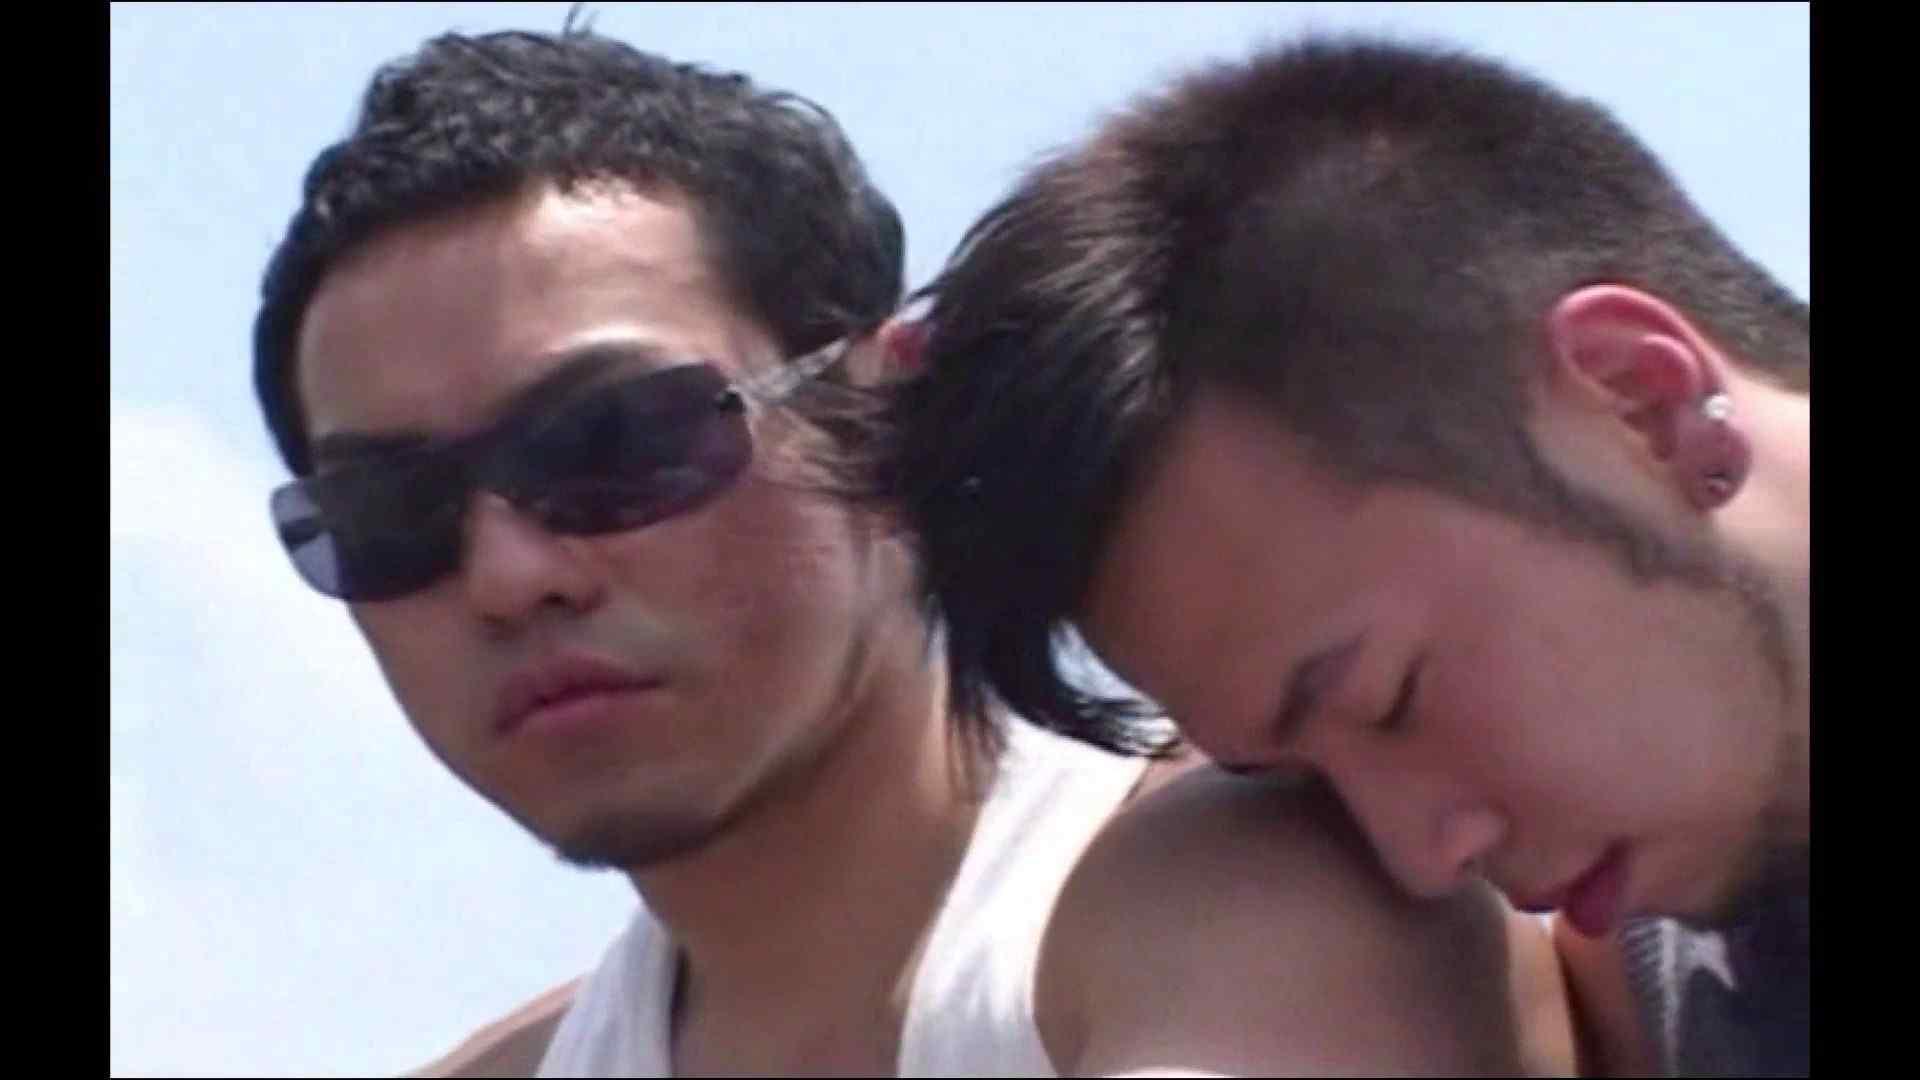 イケイケMEN'SCLUB vol.35 ハメ撮り放出   まじ生挿入 ゲイエロビデオ画像 93pic 1